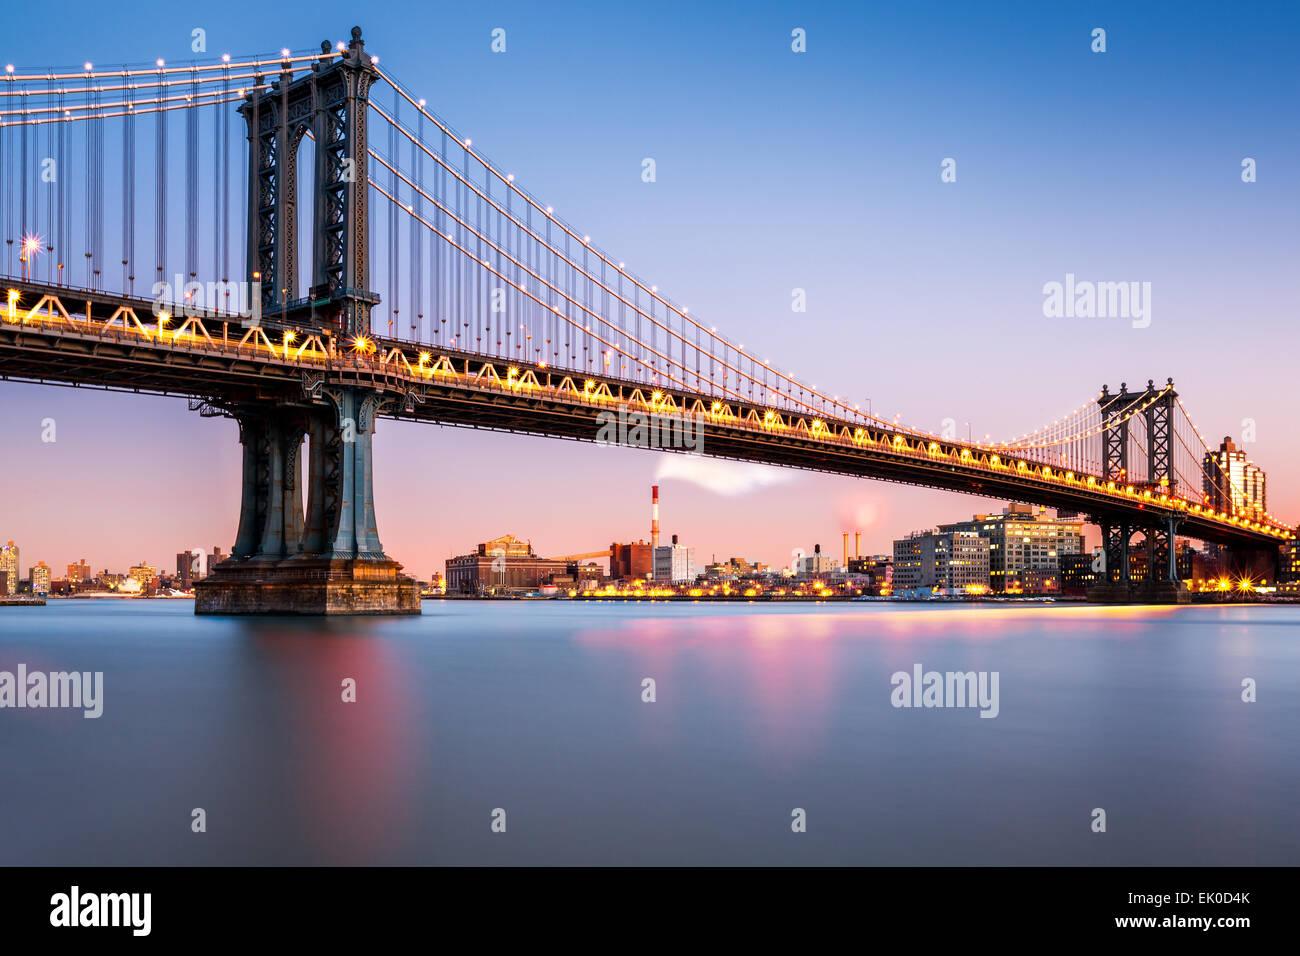 Manhattan Bridge iluminado al atardecer (muy larga exposición para un agua perfectamente lisas) Imagen De Stock